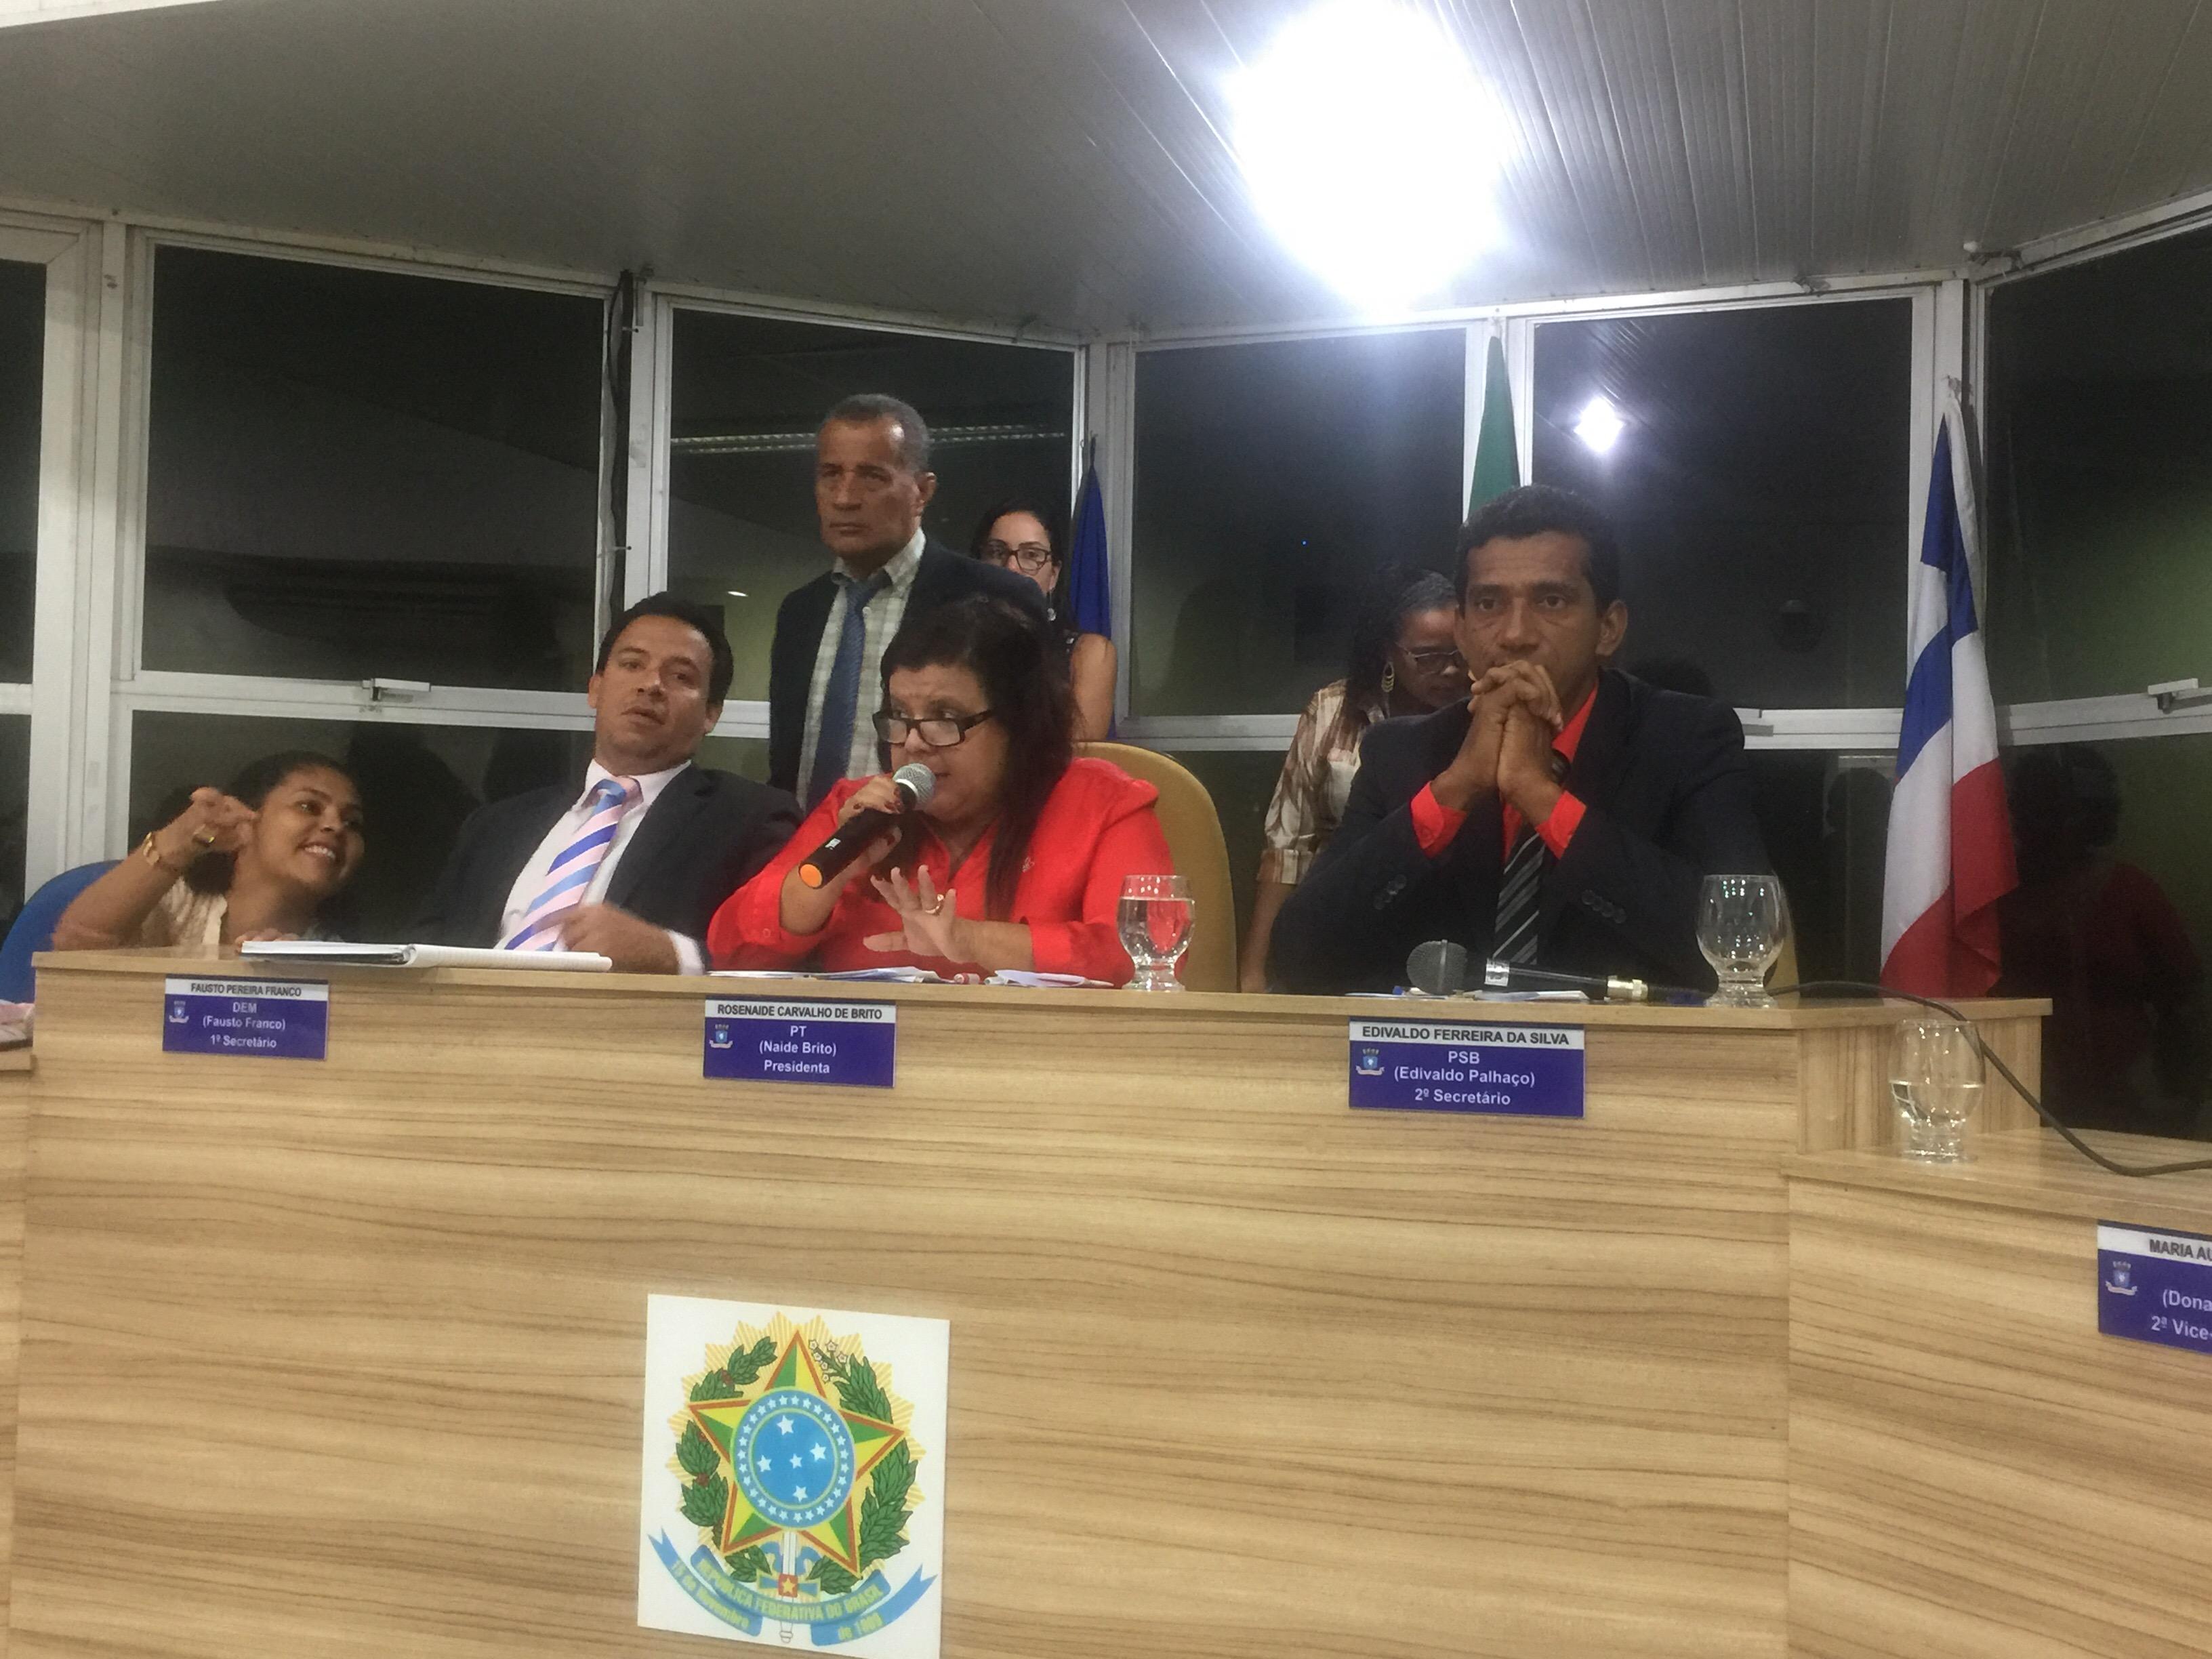 Câmara de Lauro de Freitas aprova Comissão revisora da Lei Orgânica e do Regimento